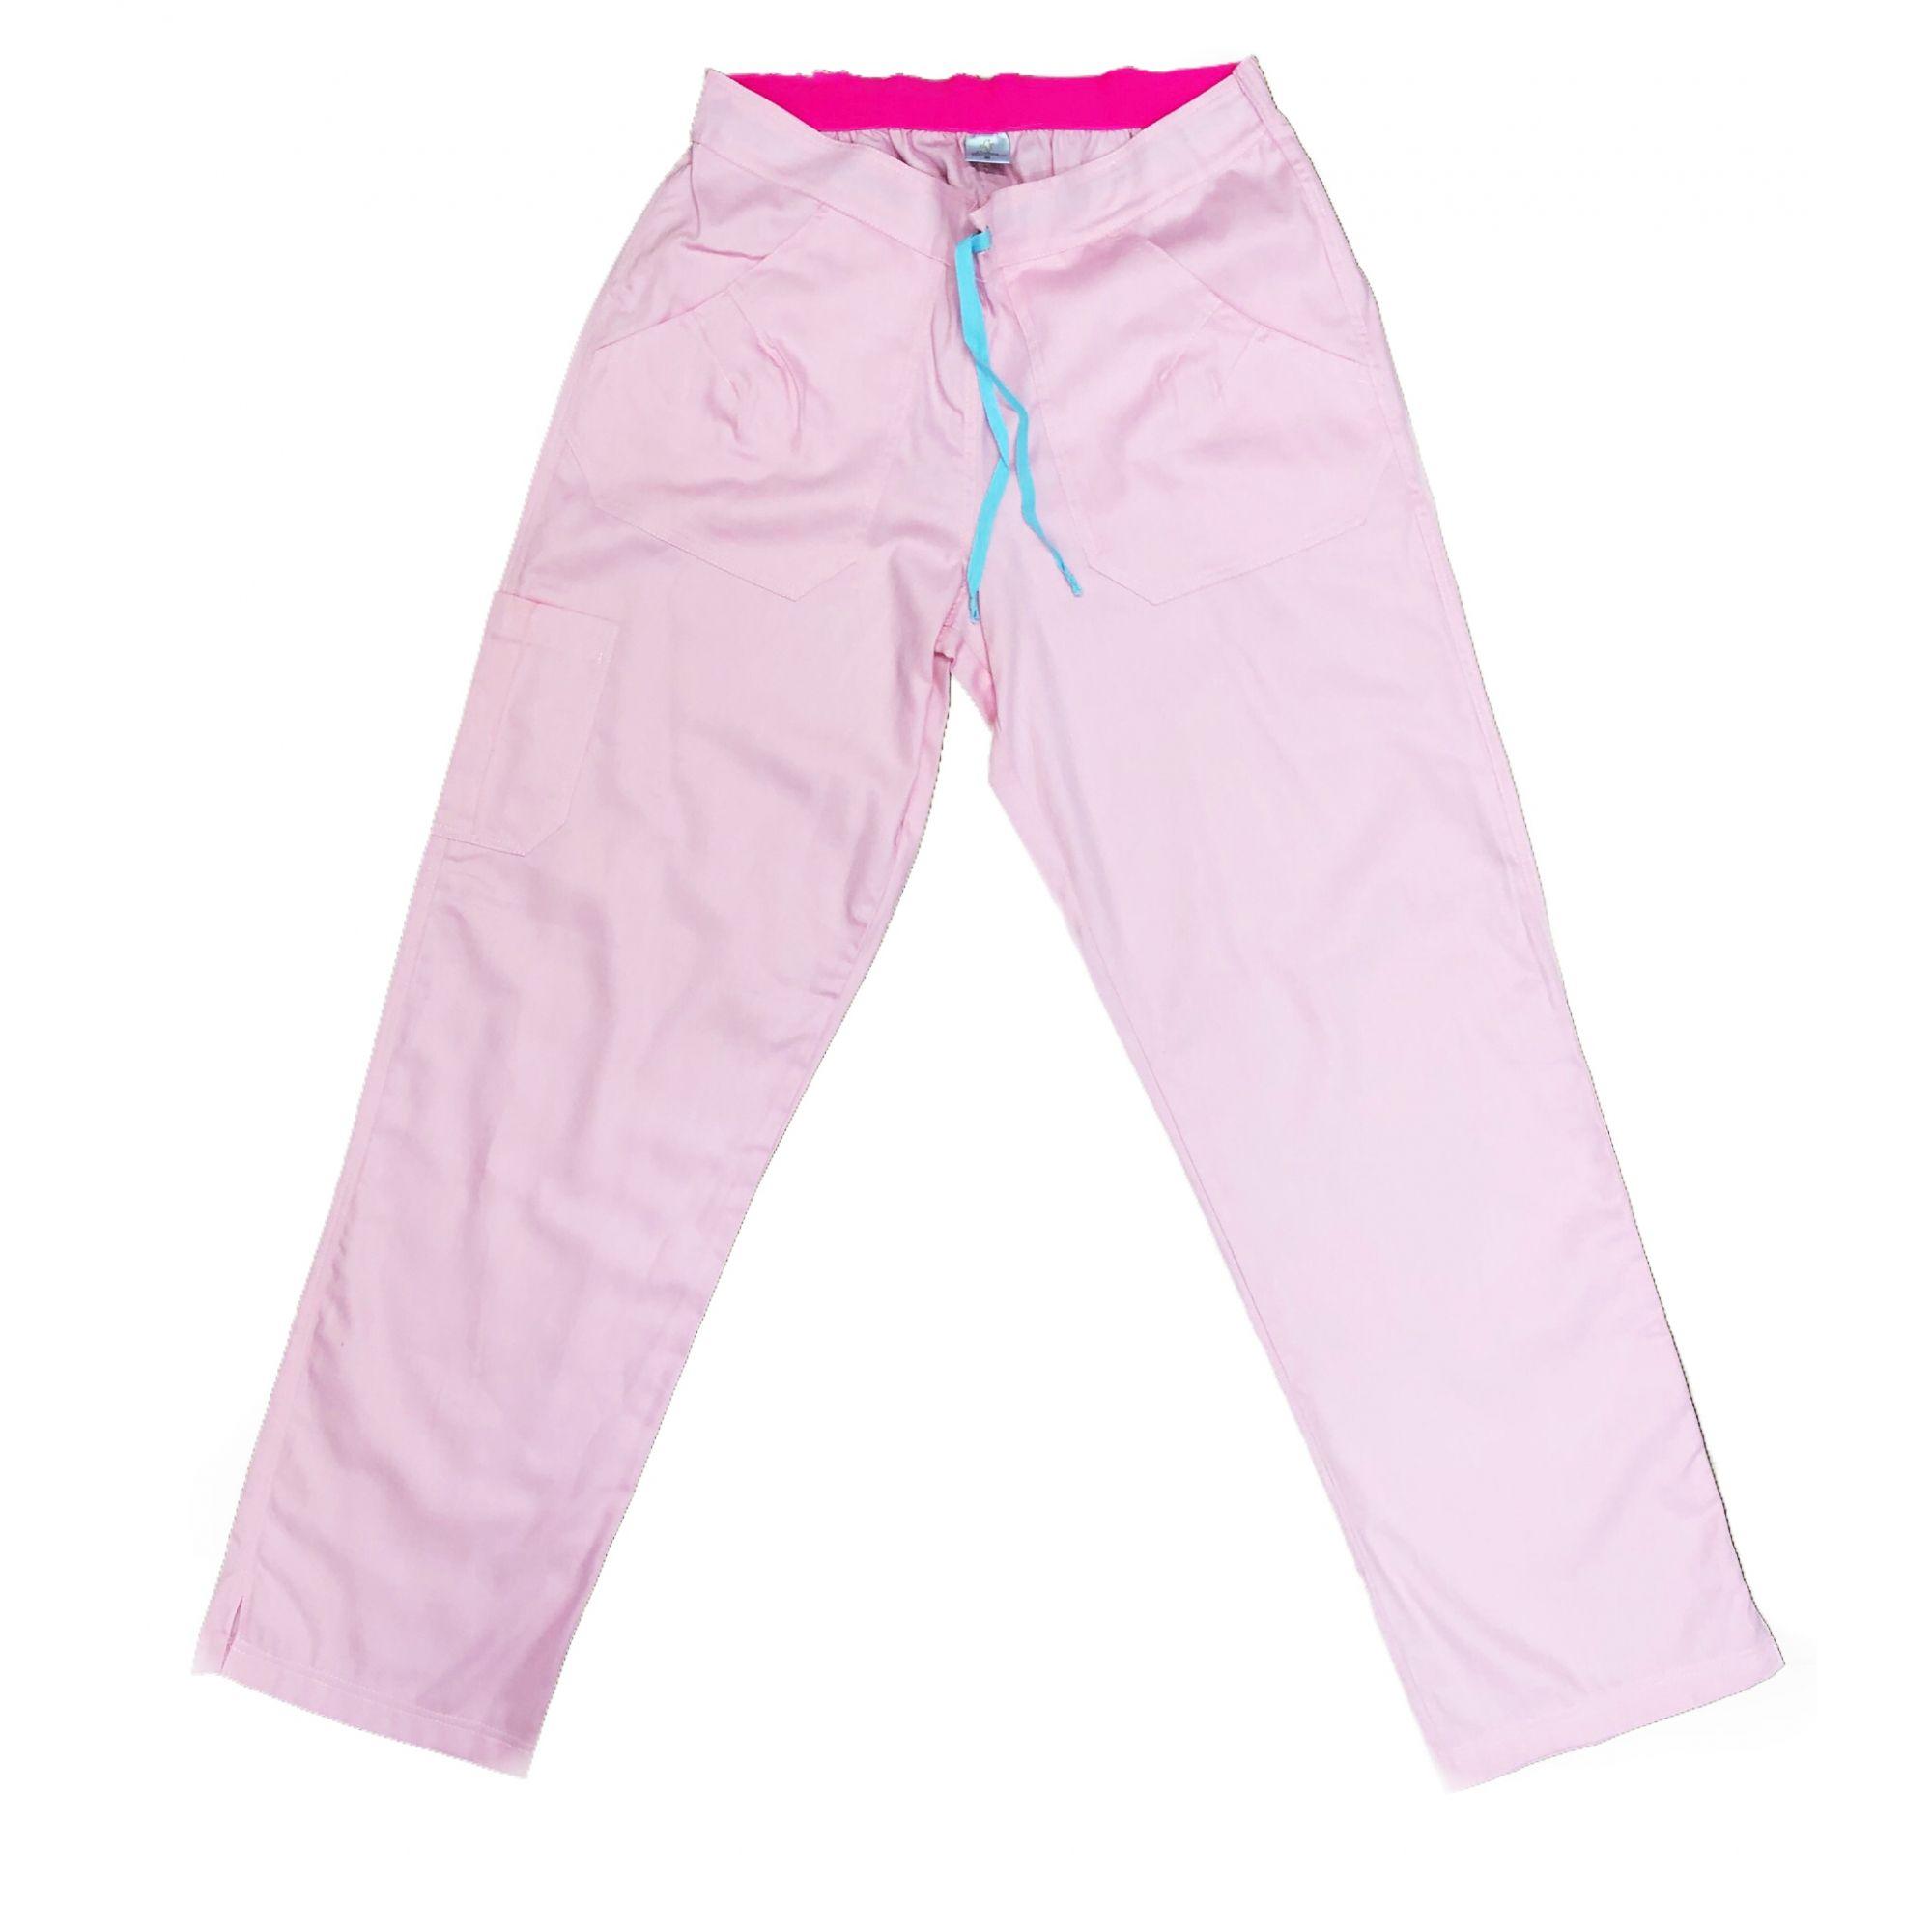 Calça Anatomys UNISEX ROSA CLARO com dois bolsos na frente e dois atrás e cordão AZUL CLARO Tecido Sarja 100% Algodão